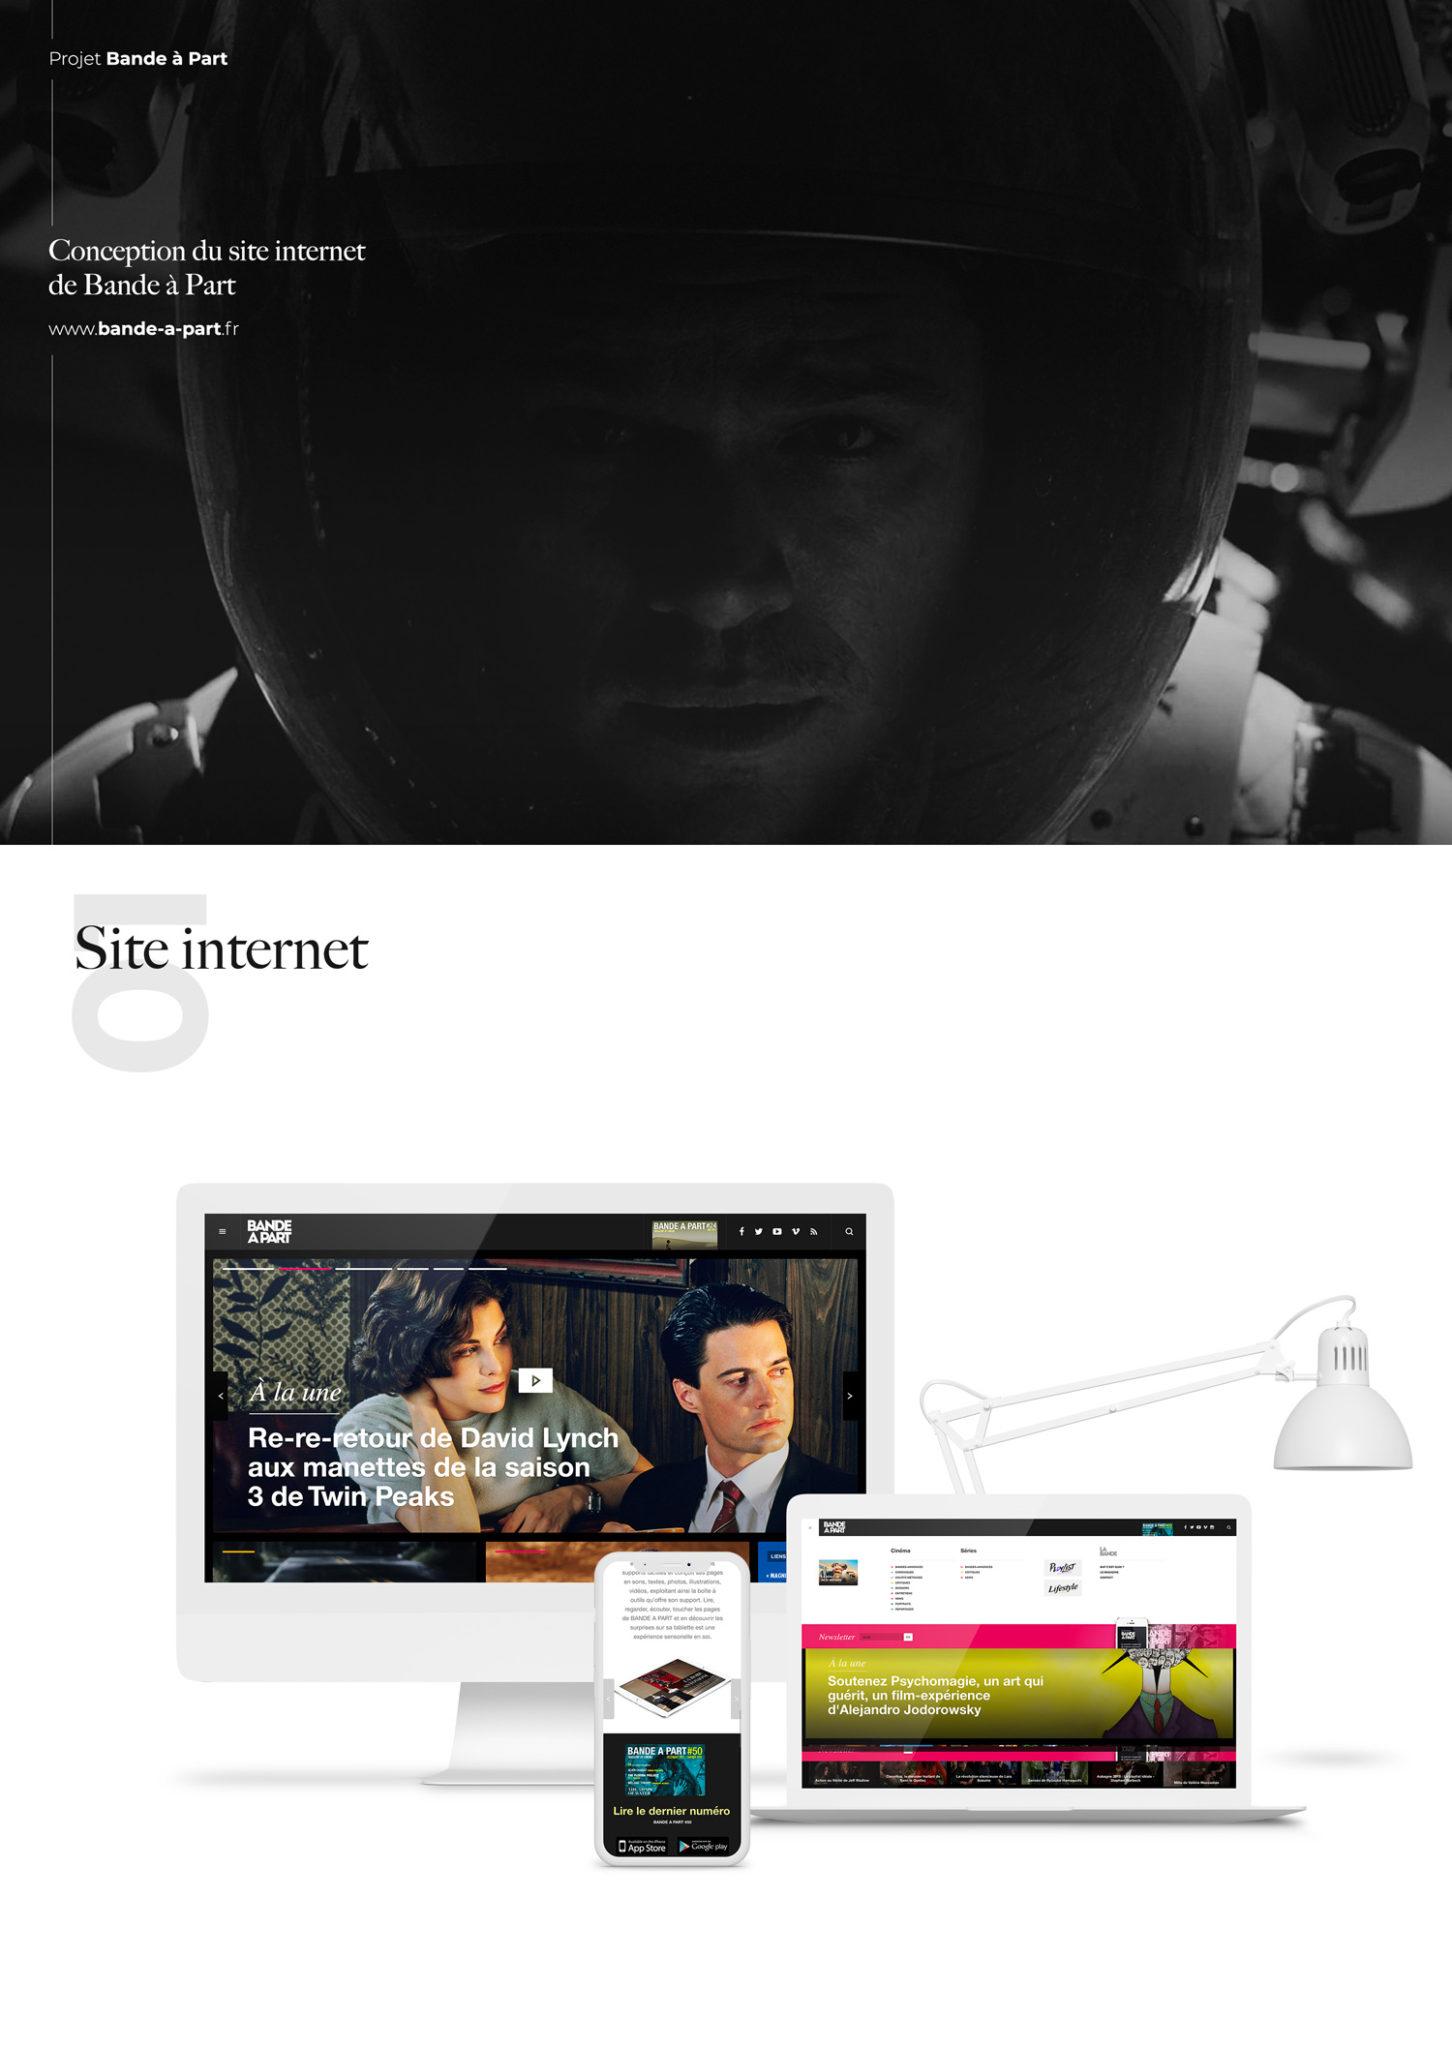 e18aa247ceb Conception et réalisation du site internet de Bande à part